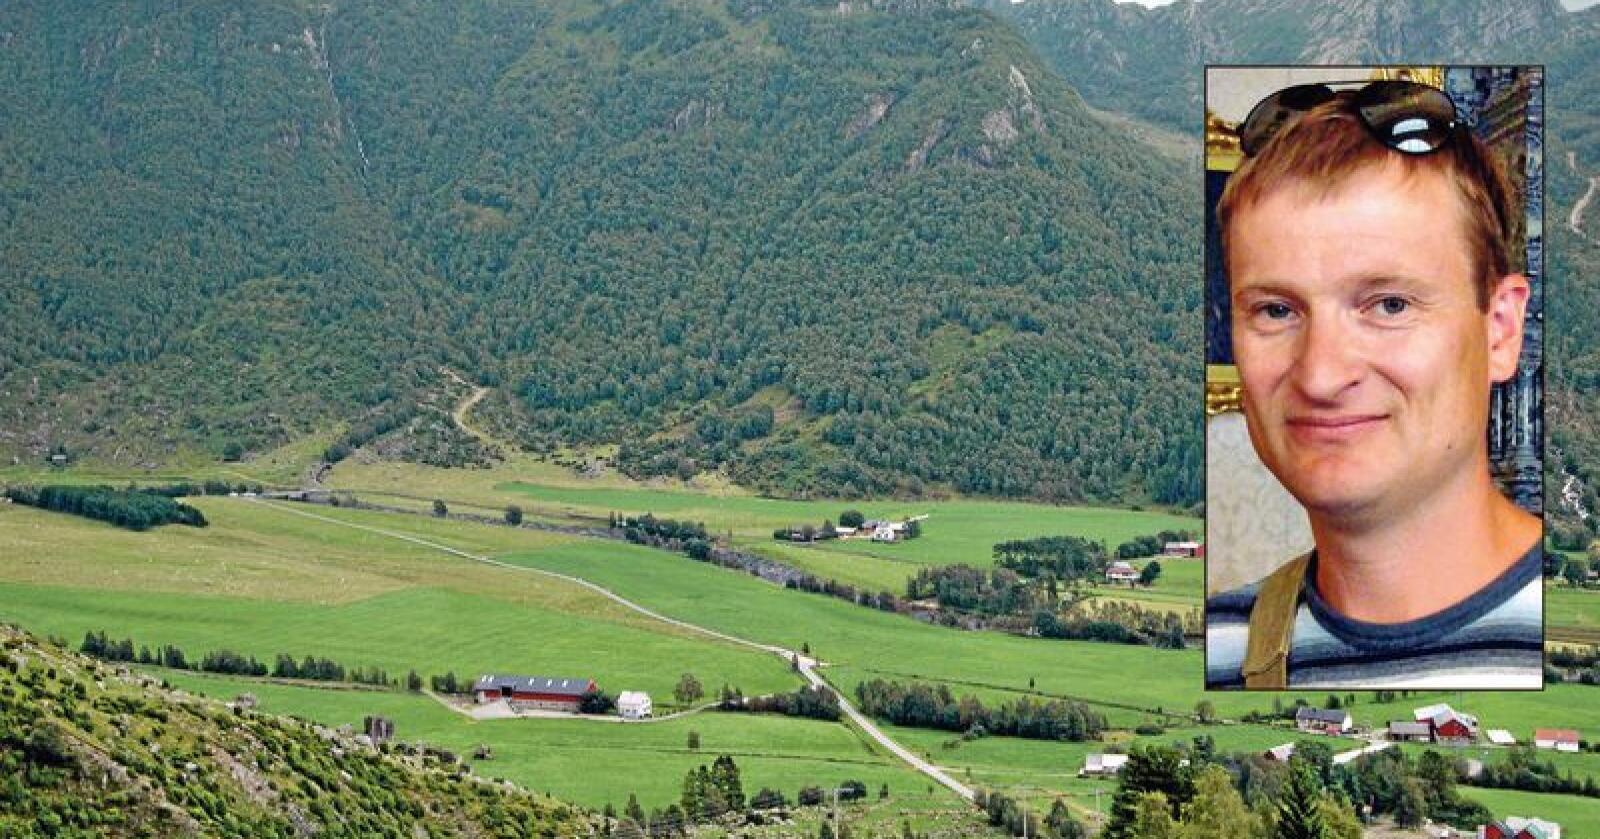 Kunnskap: Landbrukskompetanse er viktig for å kunne taksere en gård, mener Bjørn Ludvig Mehlum. (Foto: Akrivfoto og privat)